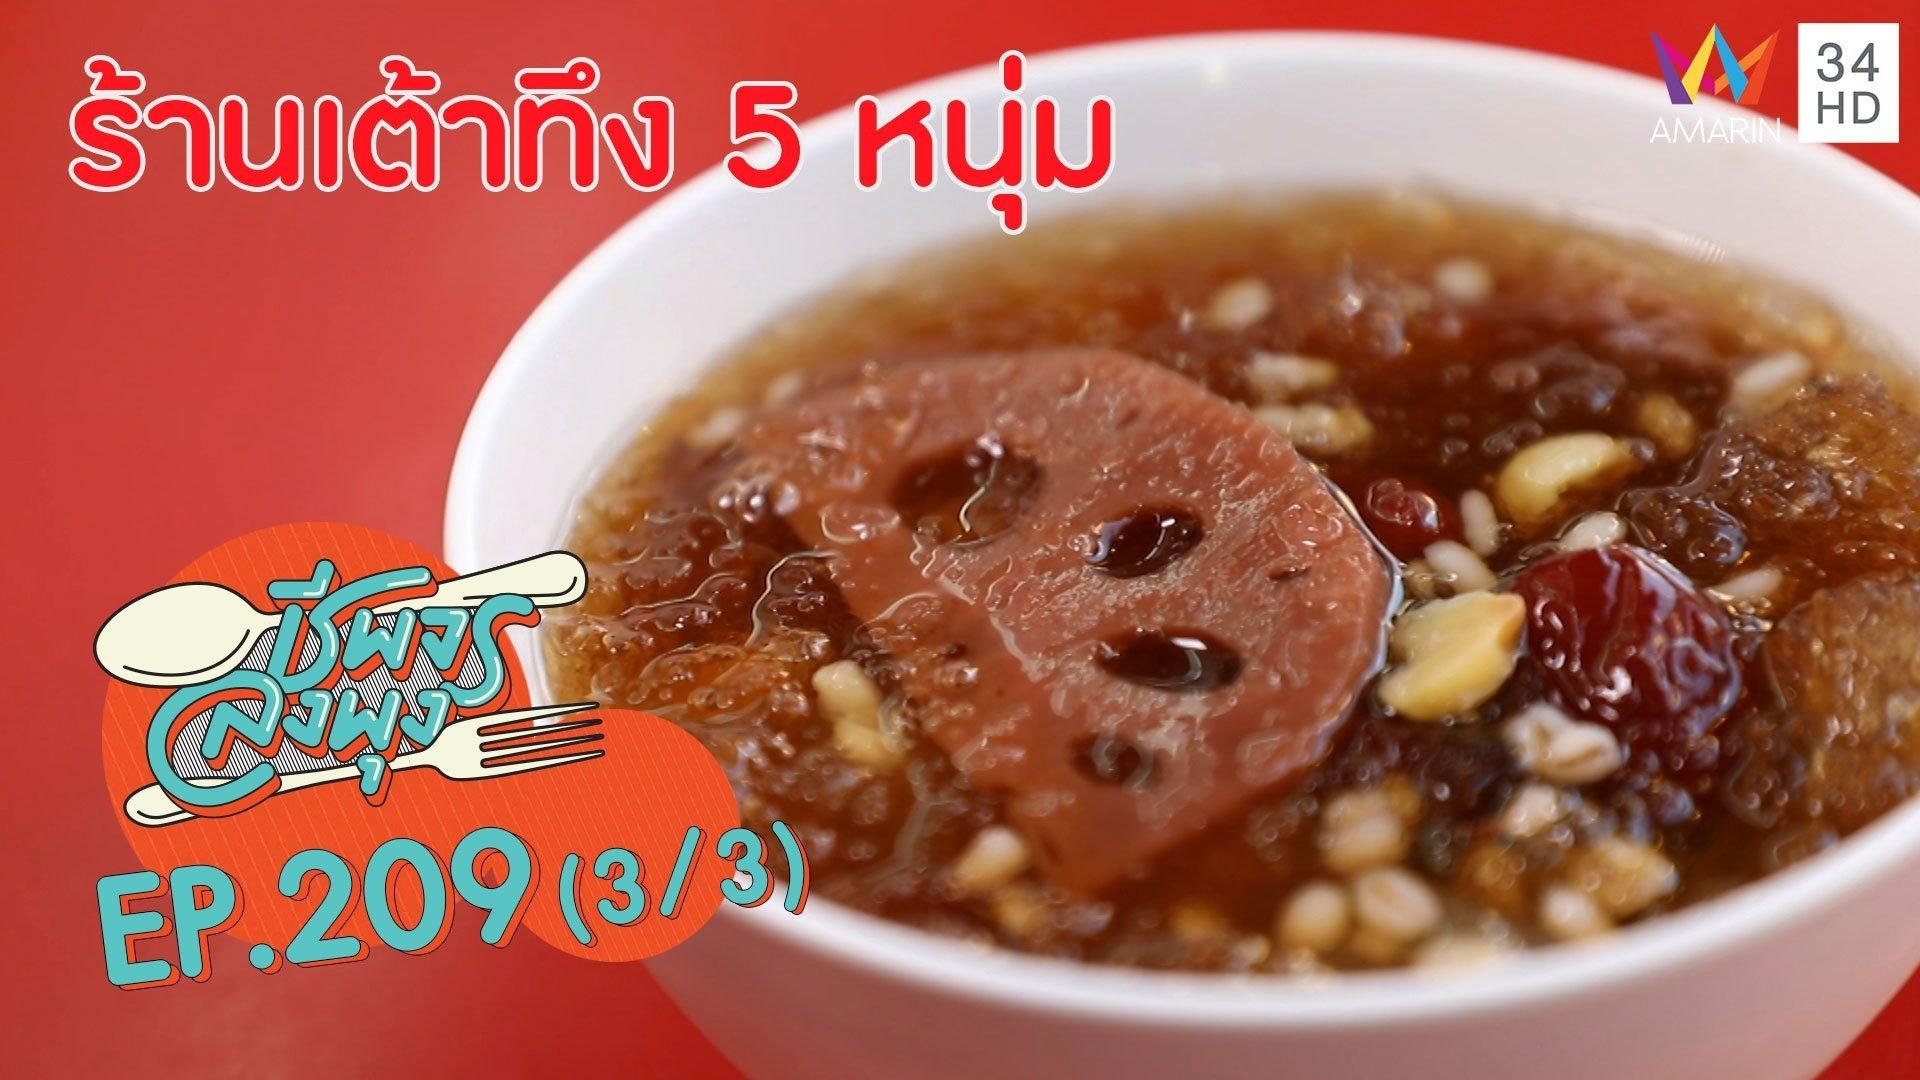 """ขนมหวานแสนอร่อยชื่นใจ @""""ร้านเต้าทึง5หนุ่ม""""   ชีพจรลงพุง   28 มี.ค. 63 (3/3)   AMARIN TVHD34"""